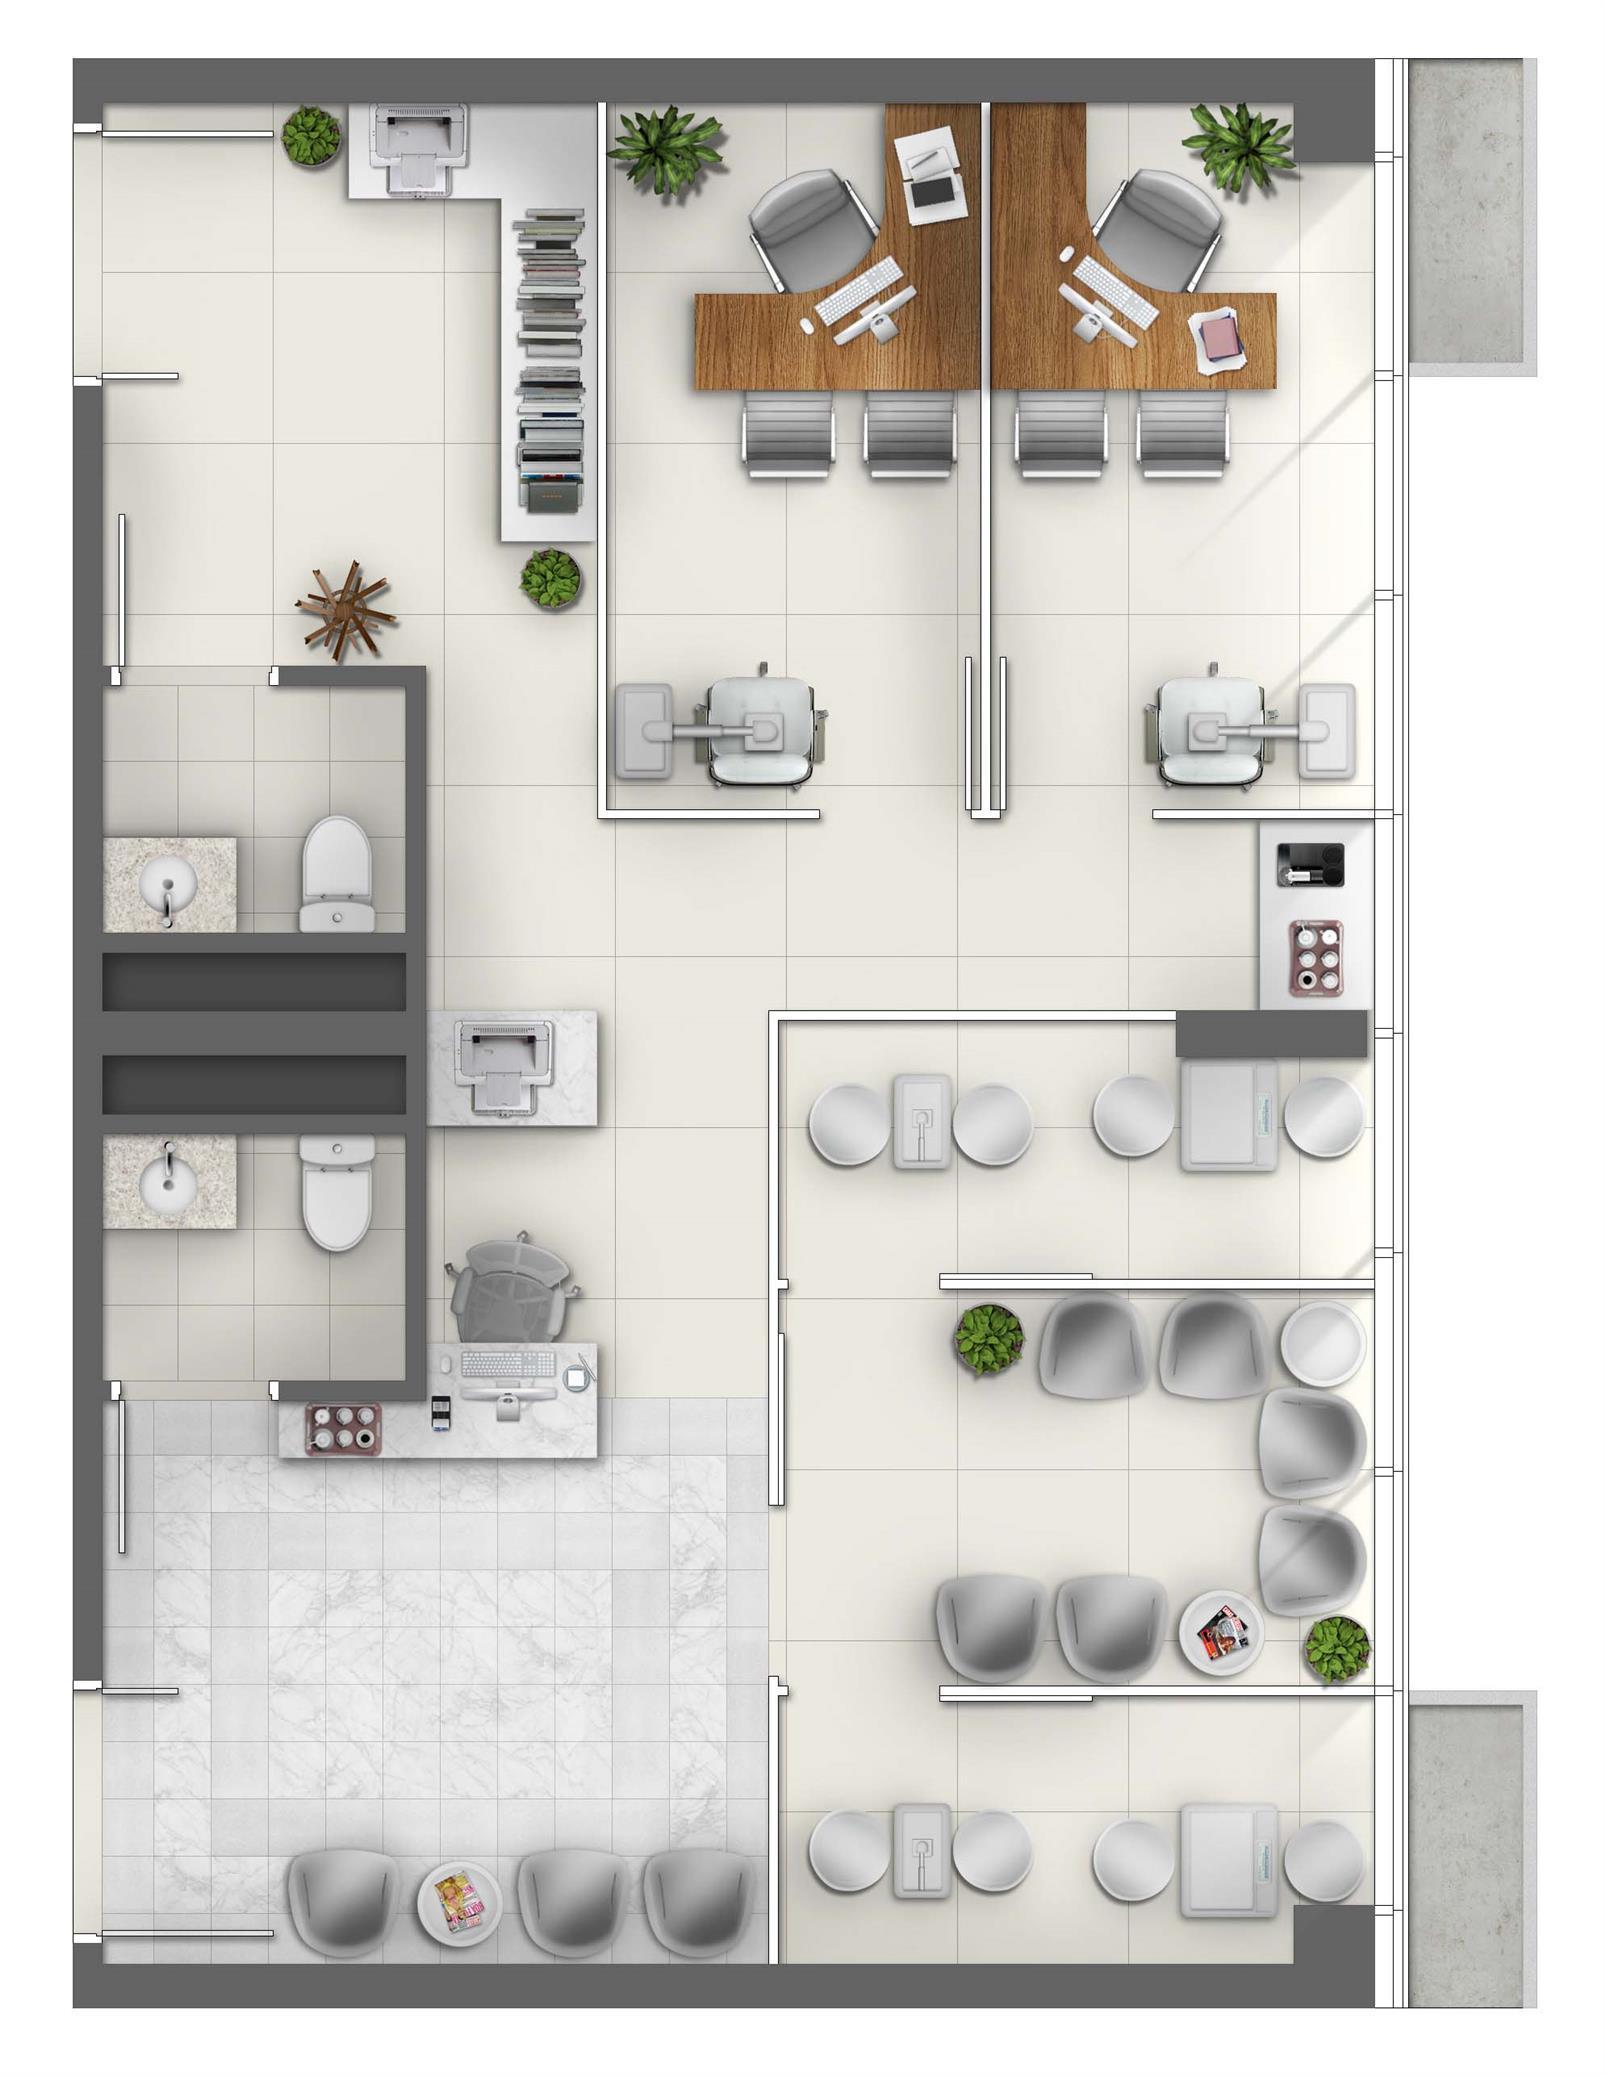 Consultório de Oftalmologia (Junção) - Área 73m² - Torre Norte Saúde | MEDPLEX - Torre Norte  – Salas Comerciaisno  Centro do Eixo Hospitalar  - Porto Alegre - Rio Grande do Sul